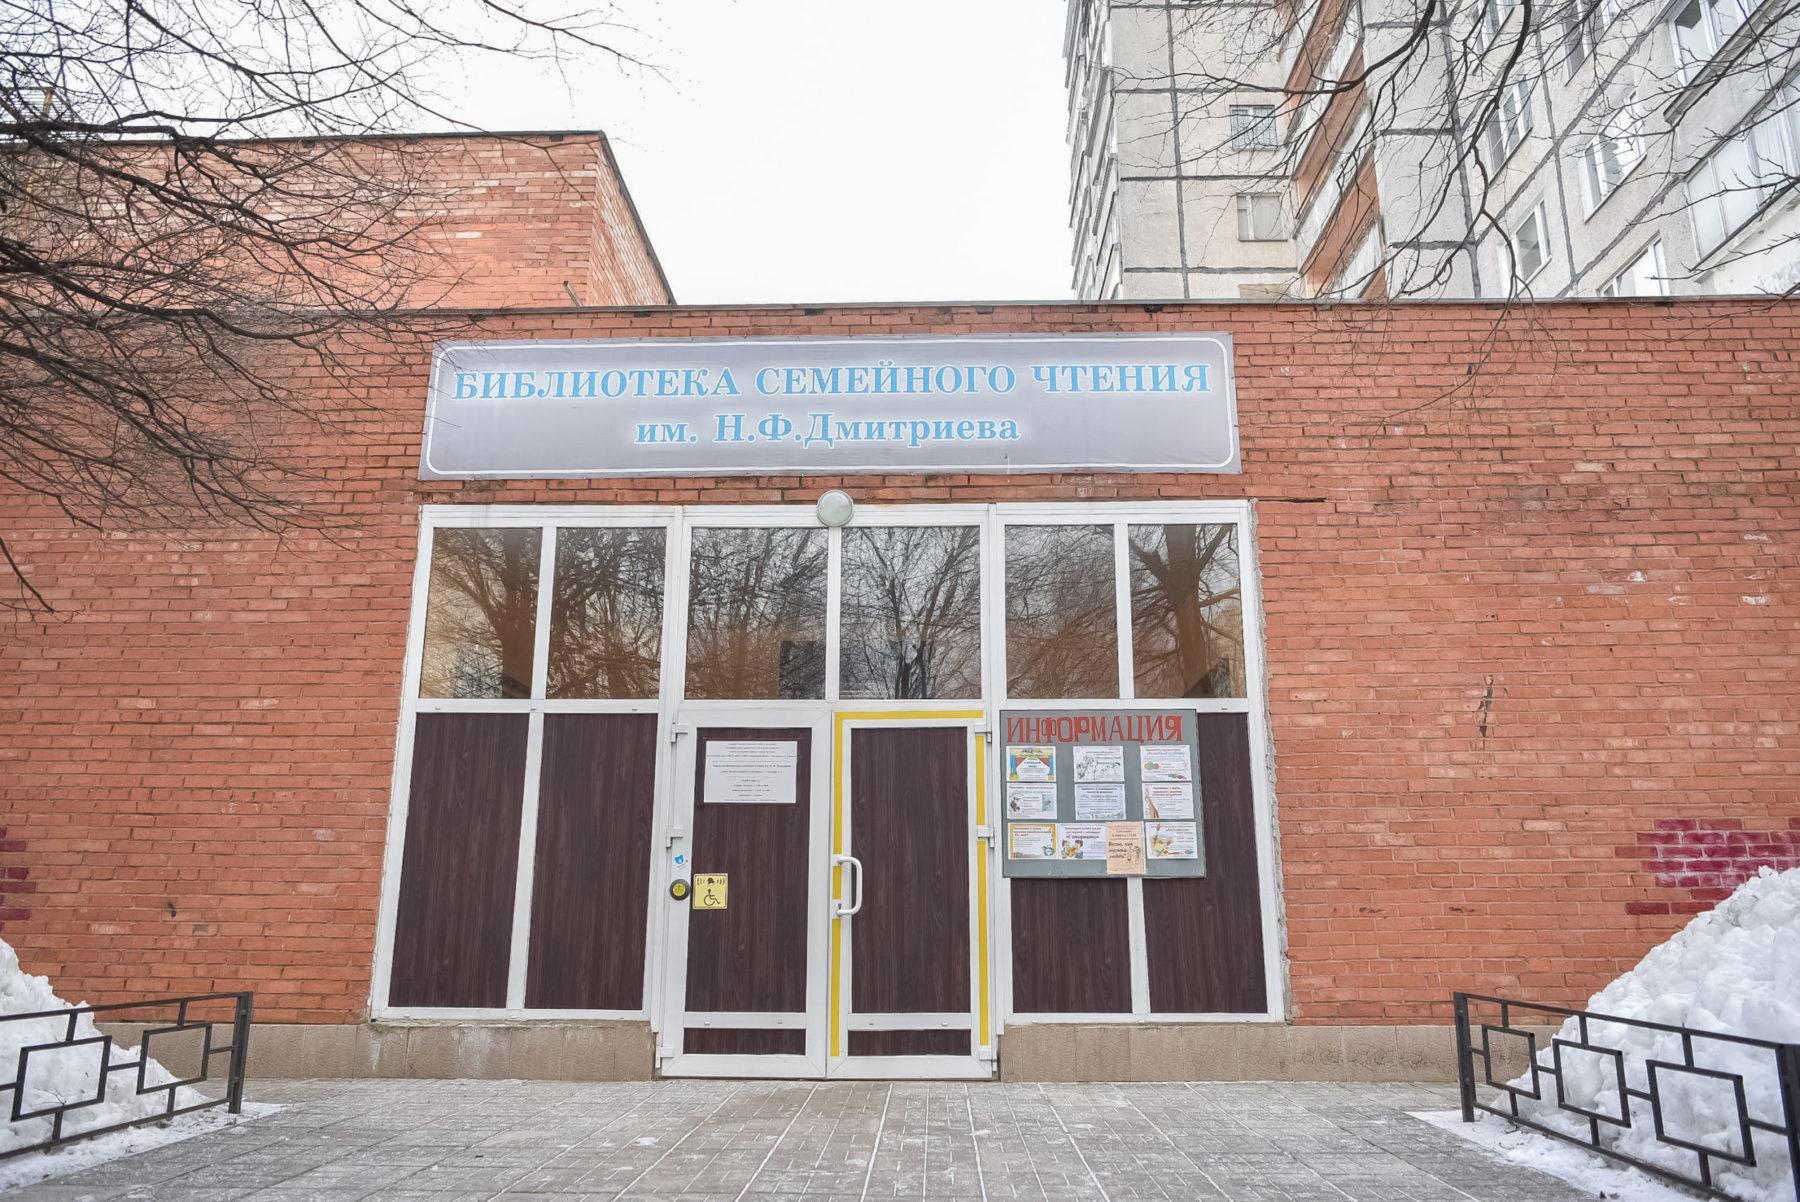 Шестиклассник Роман Артемьев из Балашихи стал лауреатом конкурса в честь поэта Николая Дмитриева